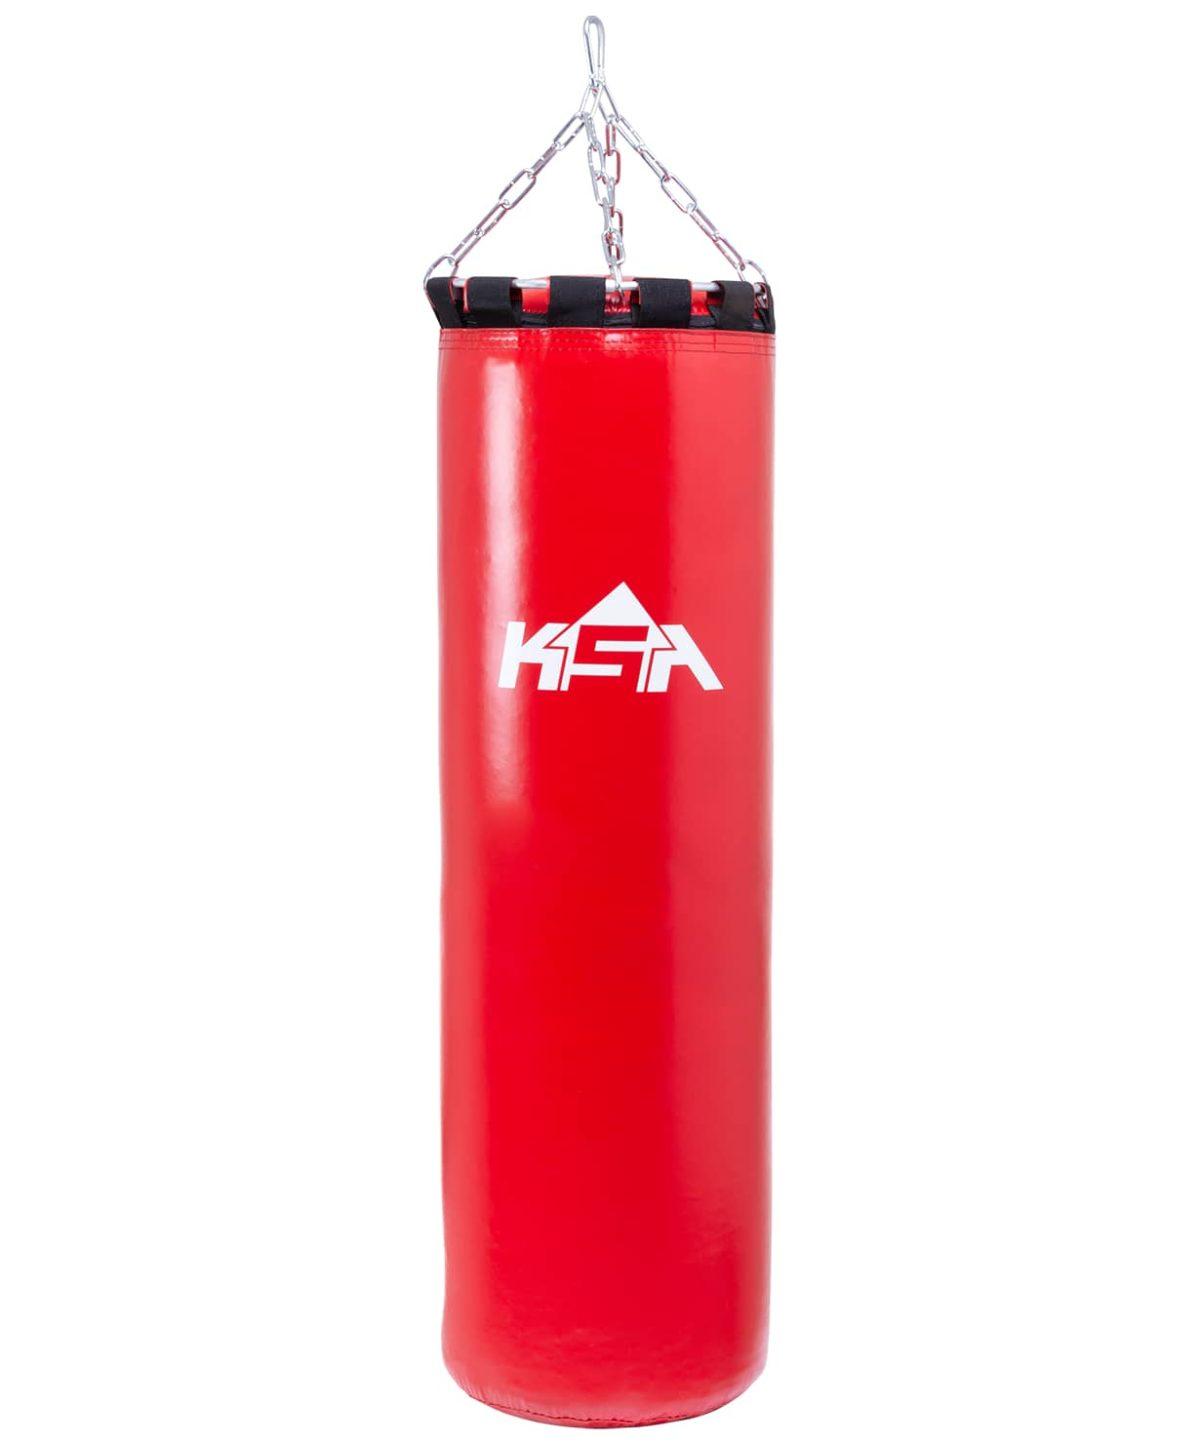 KSA Мешок боксерский, тент, 120 см, 45 кг  PB-01 - 1